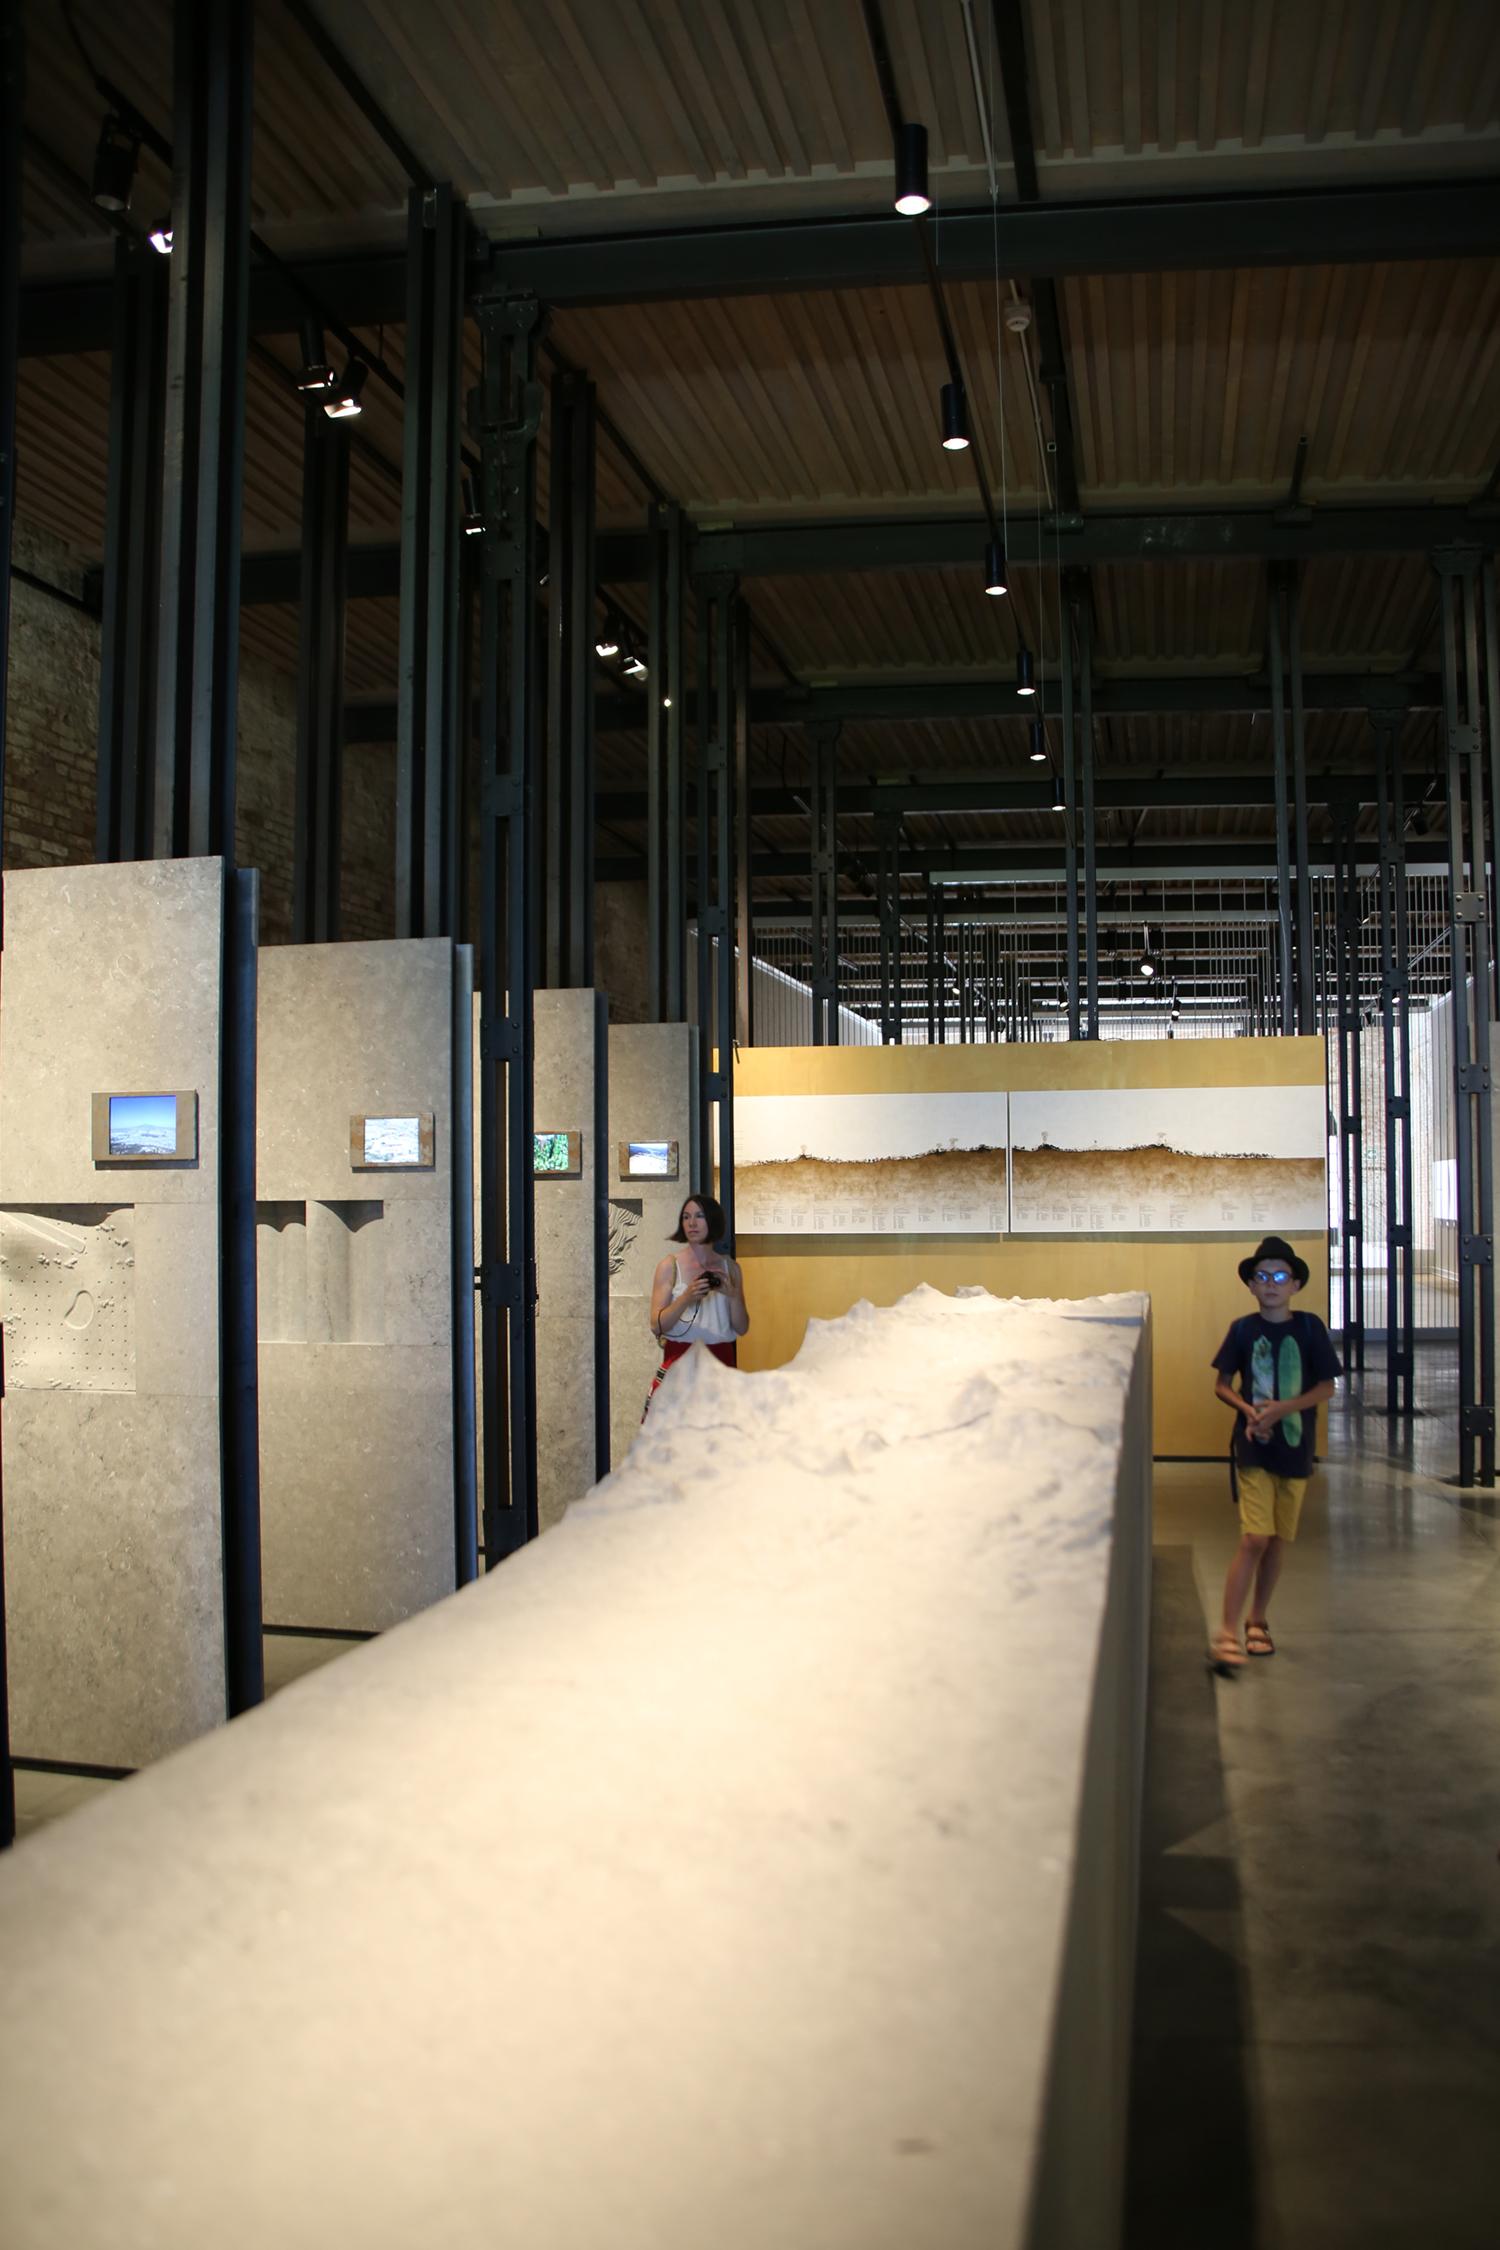 biennale architecture venise 2018 631.JPG